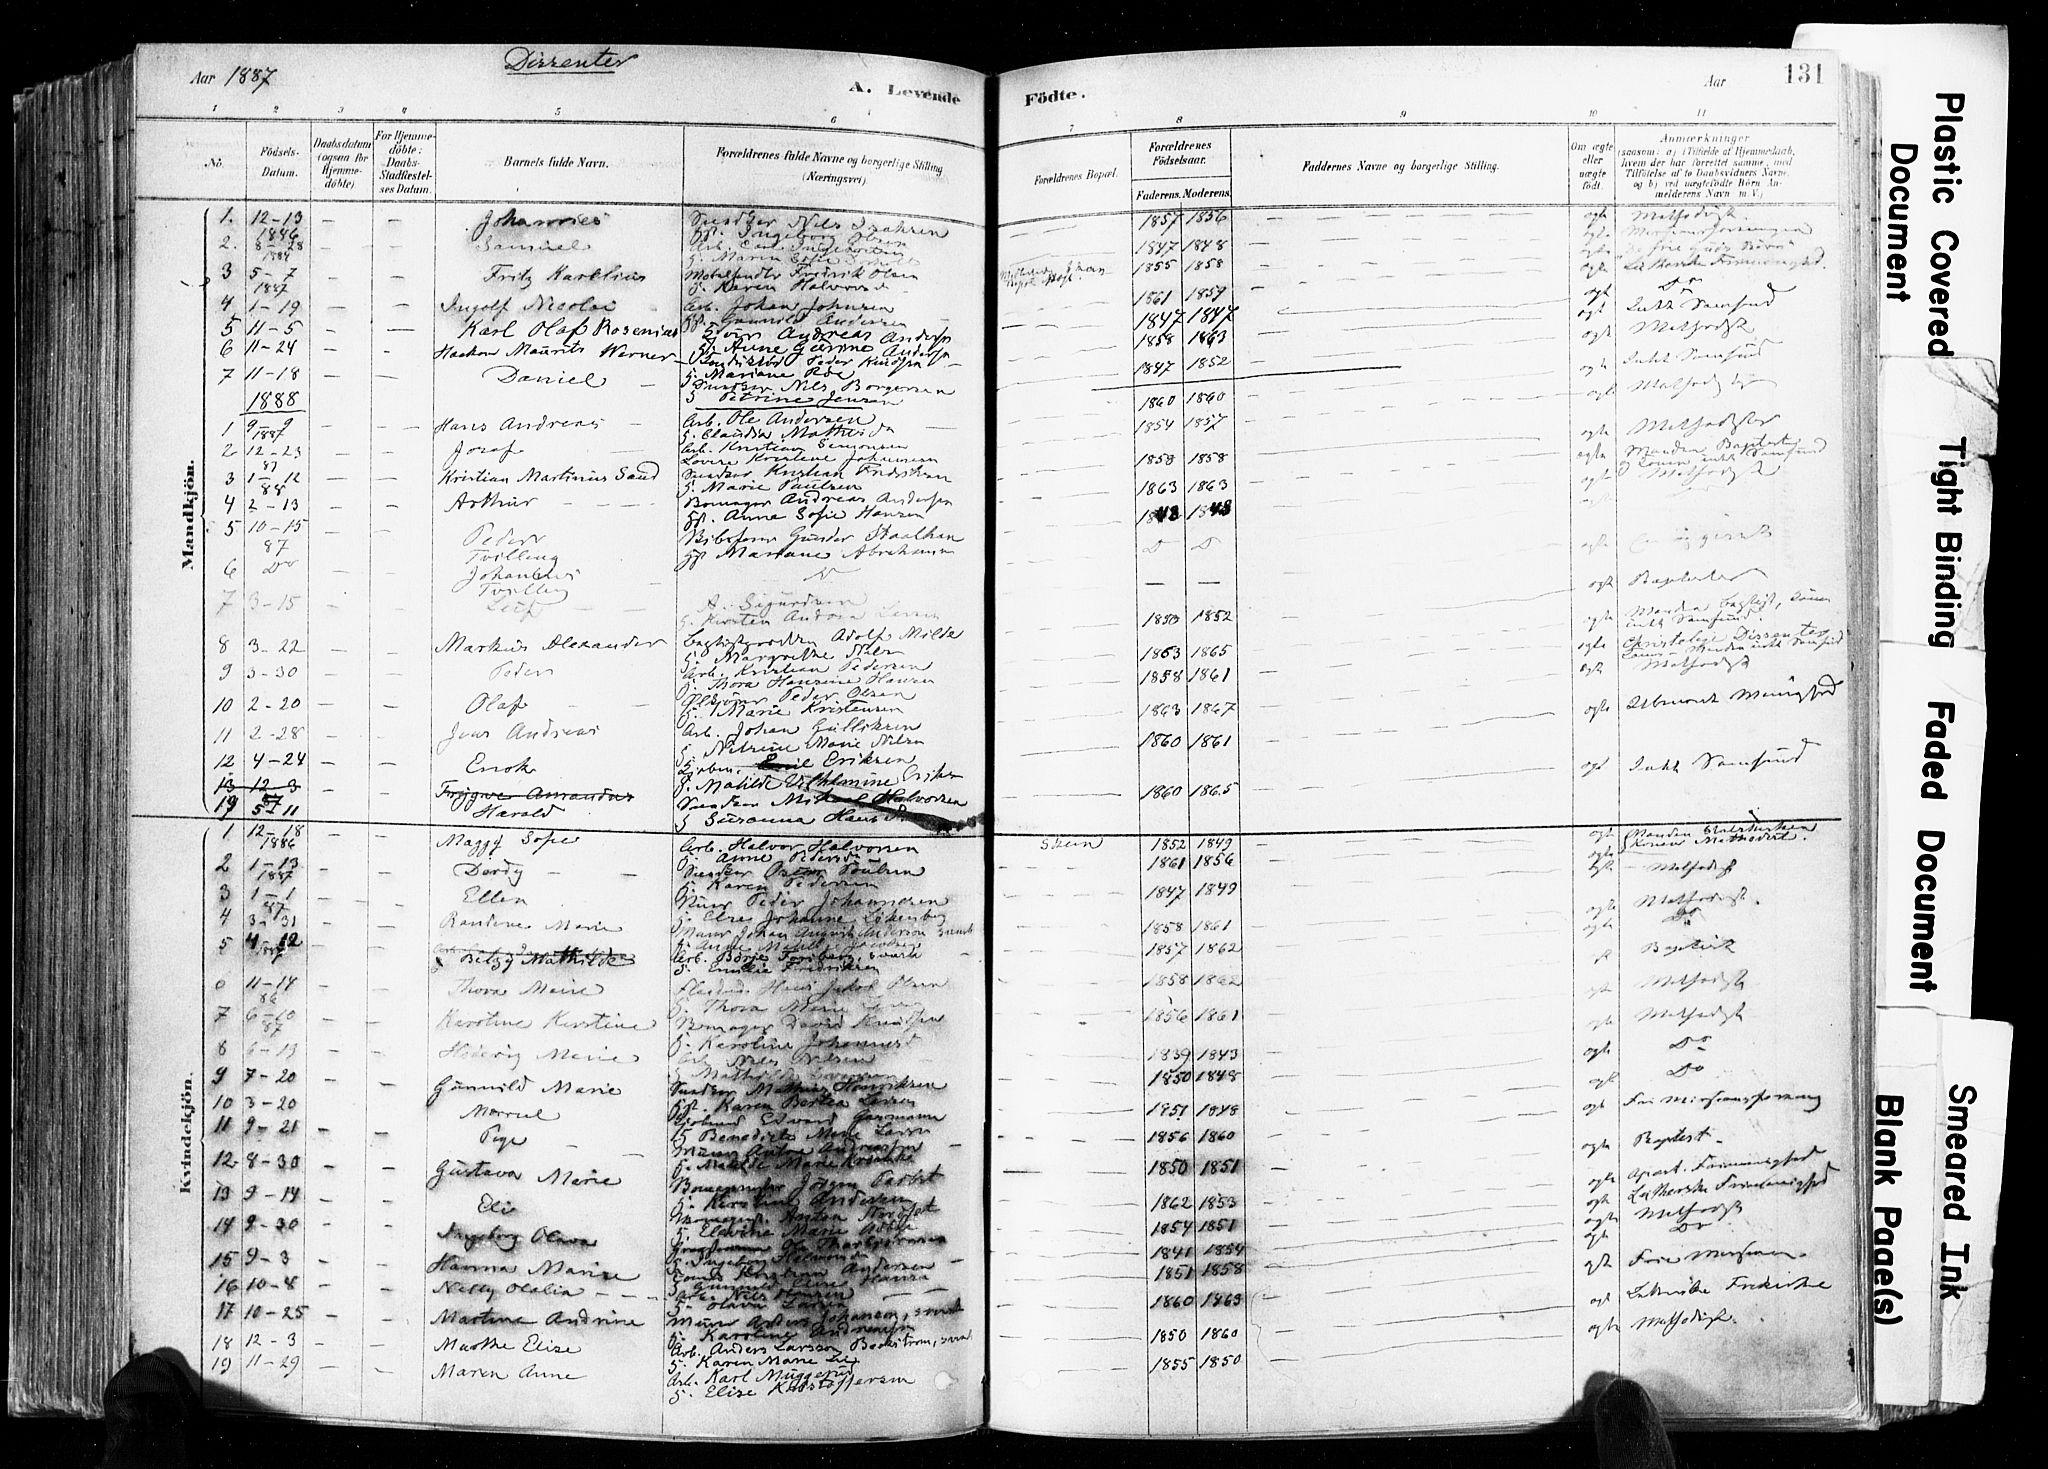 SAKO, Skien kirkebøker, F/Fa/L0009: Ministerialbok nr. 9, 1878-1890, s. 131